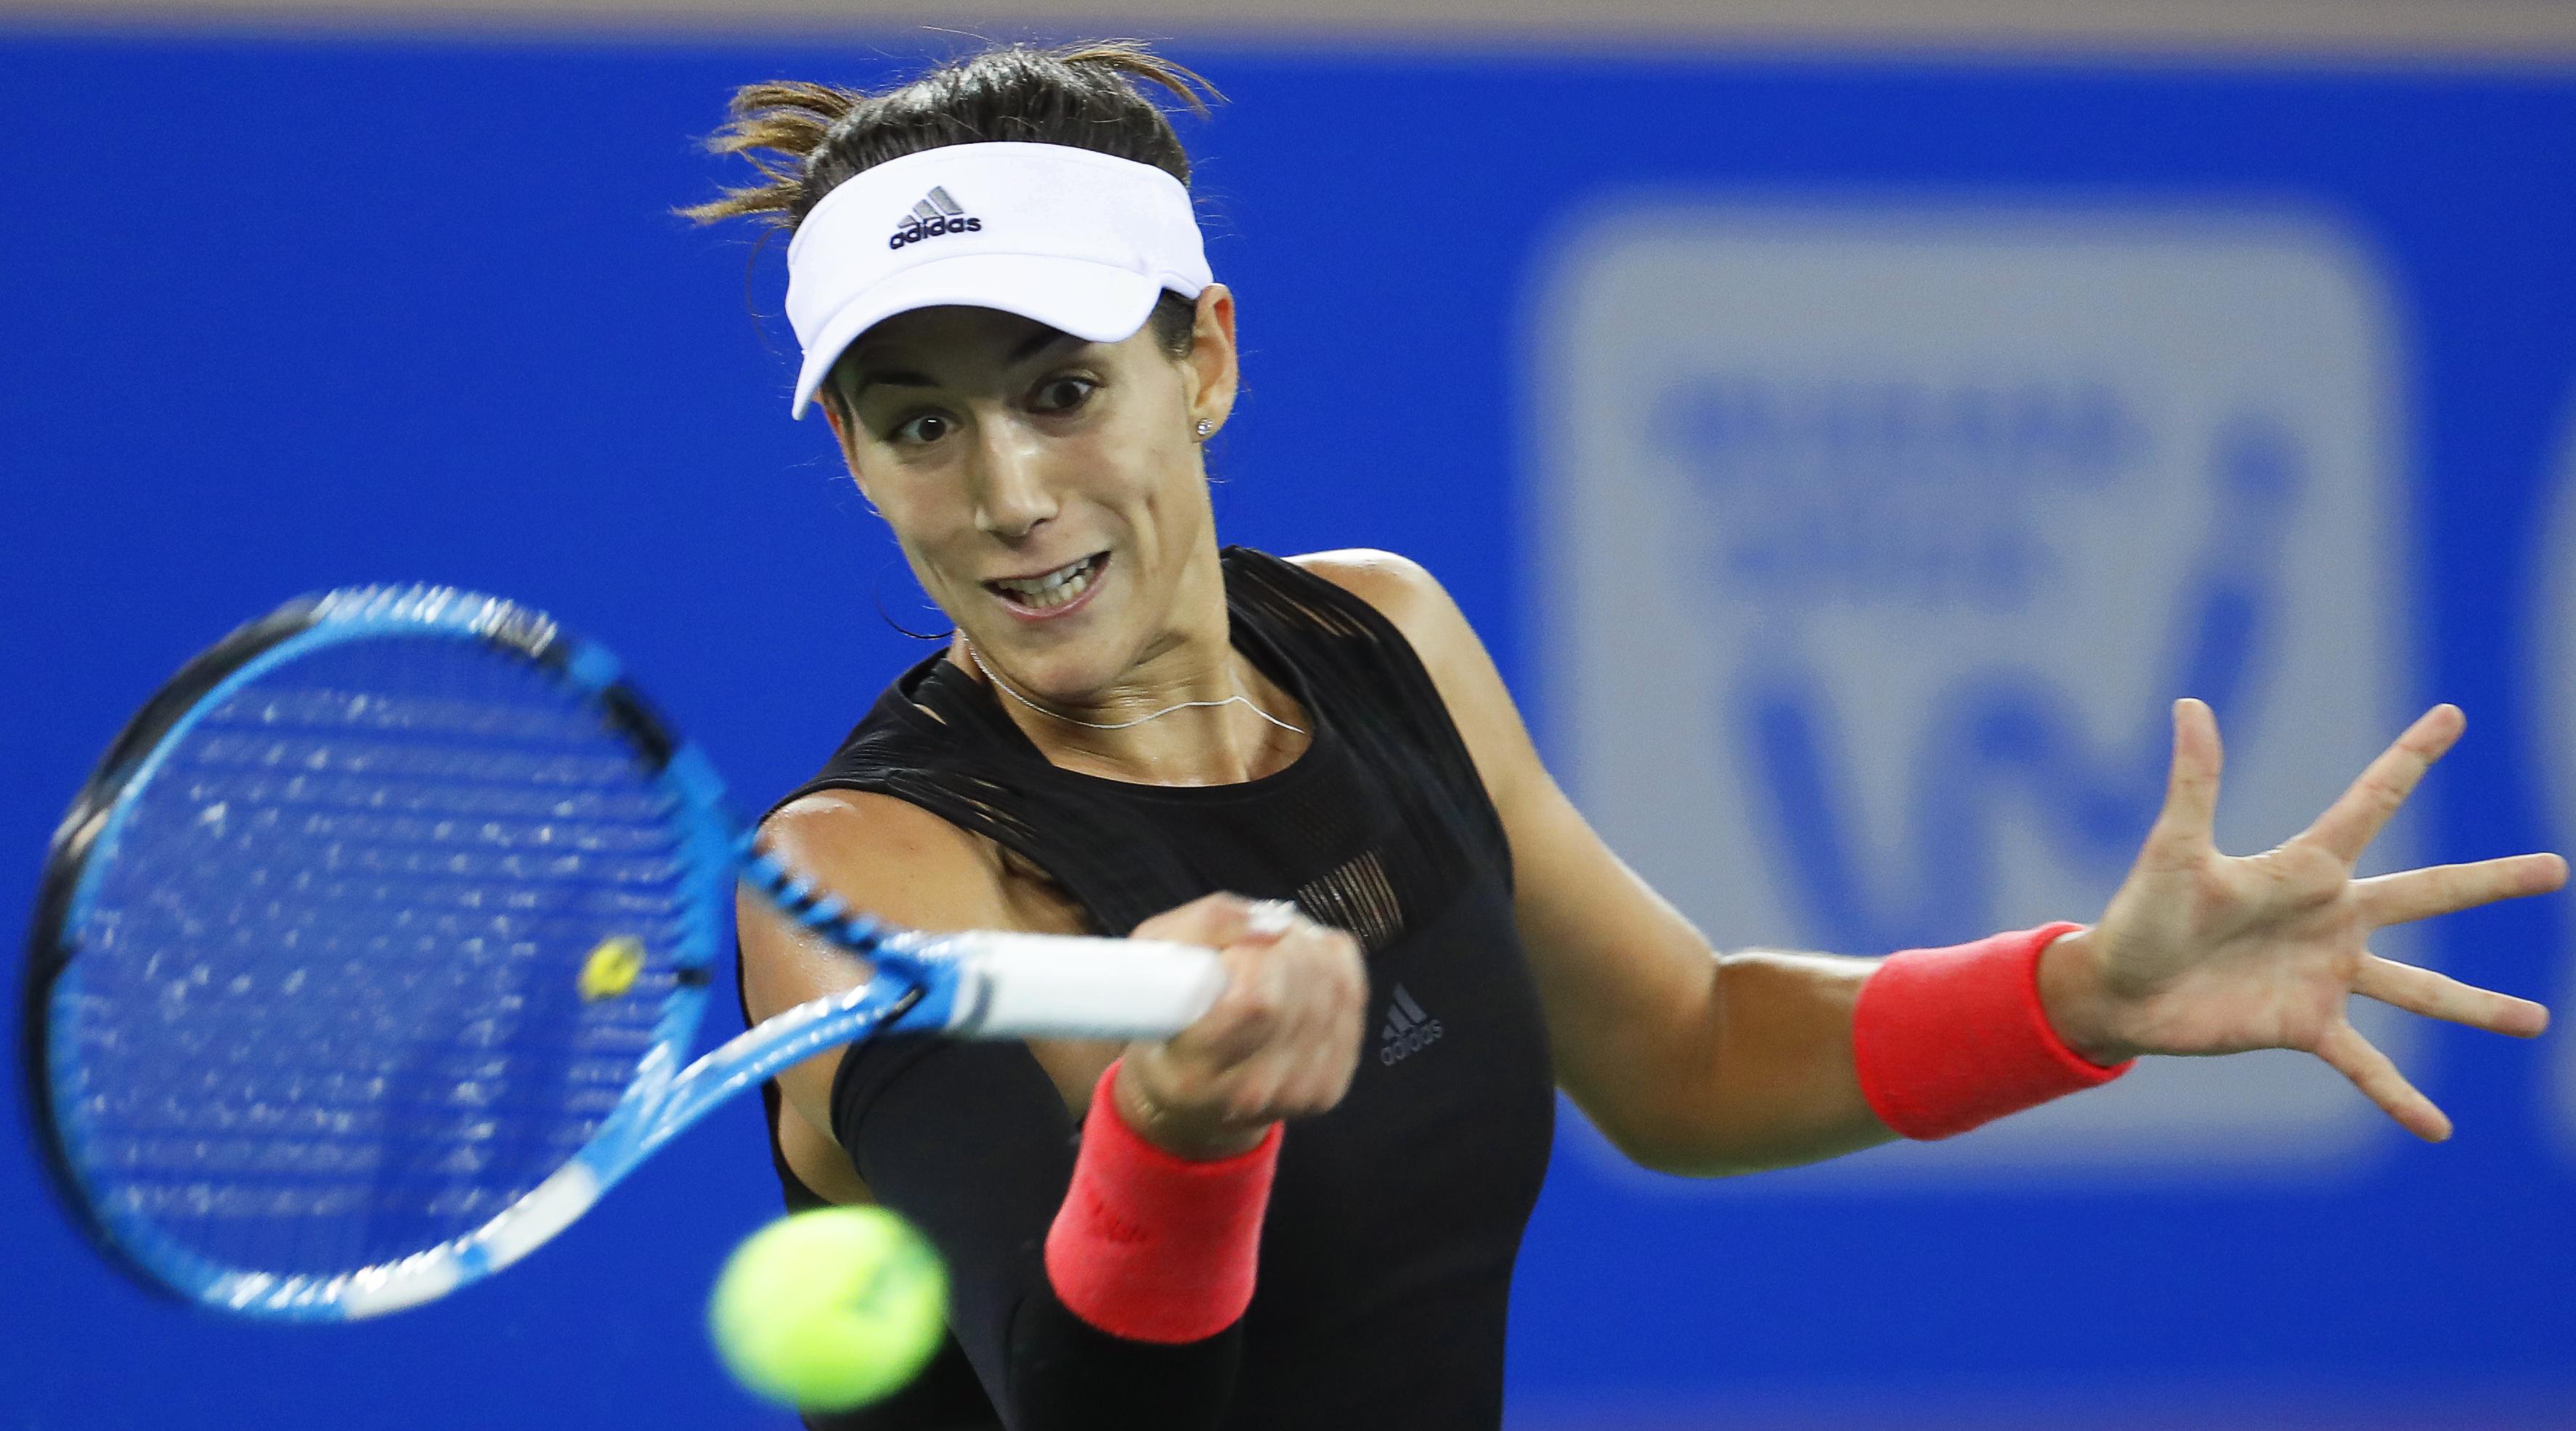 Cele mai frumoase sportive din lume. LOCUL 7: Garbine Muguruza (25 de ani, Spania, tenis) | FOTO și VIDEO